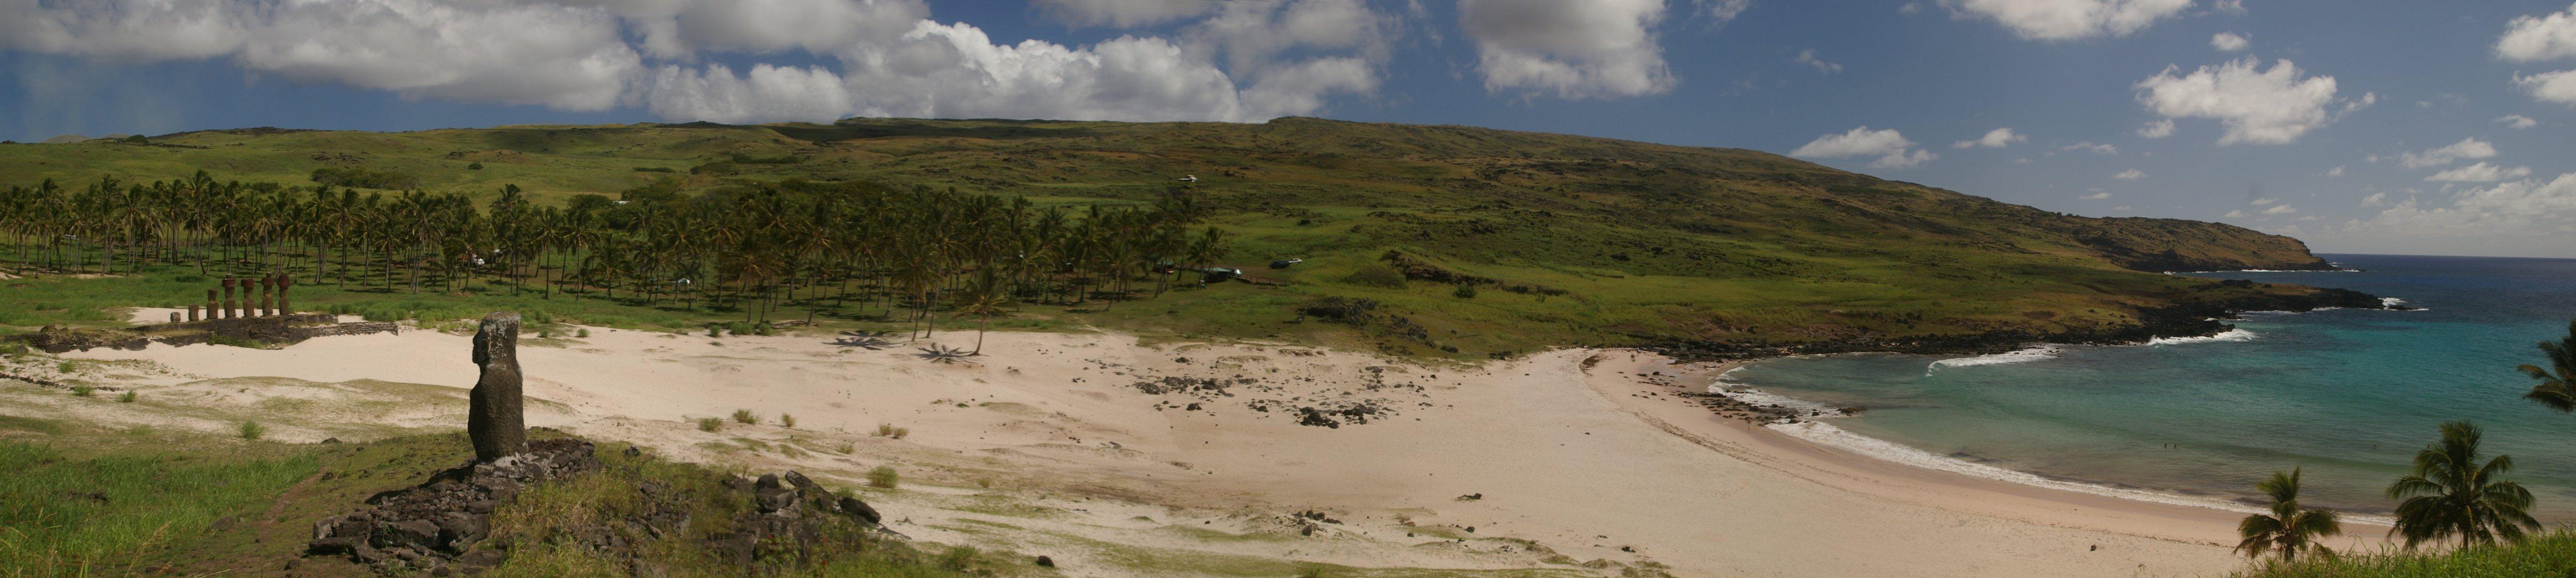 Pano_Anakena_beach.jpg